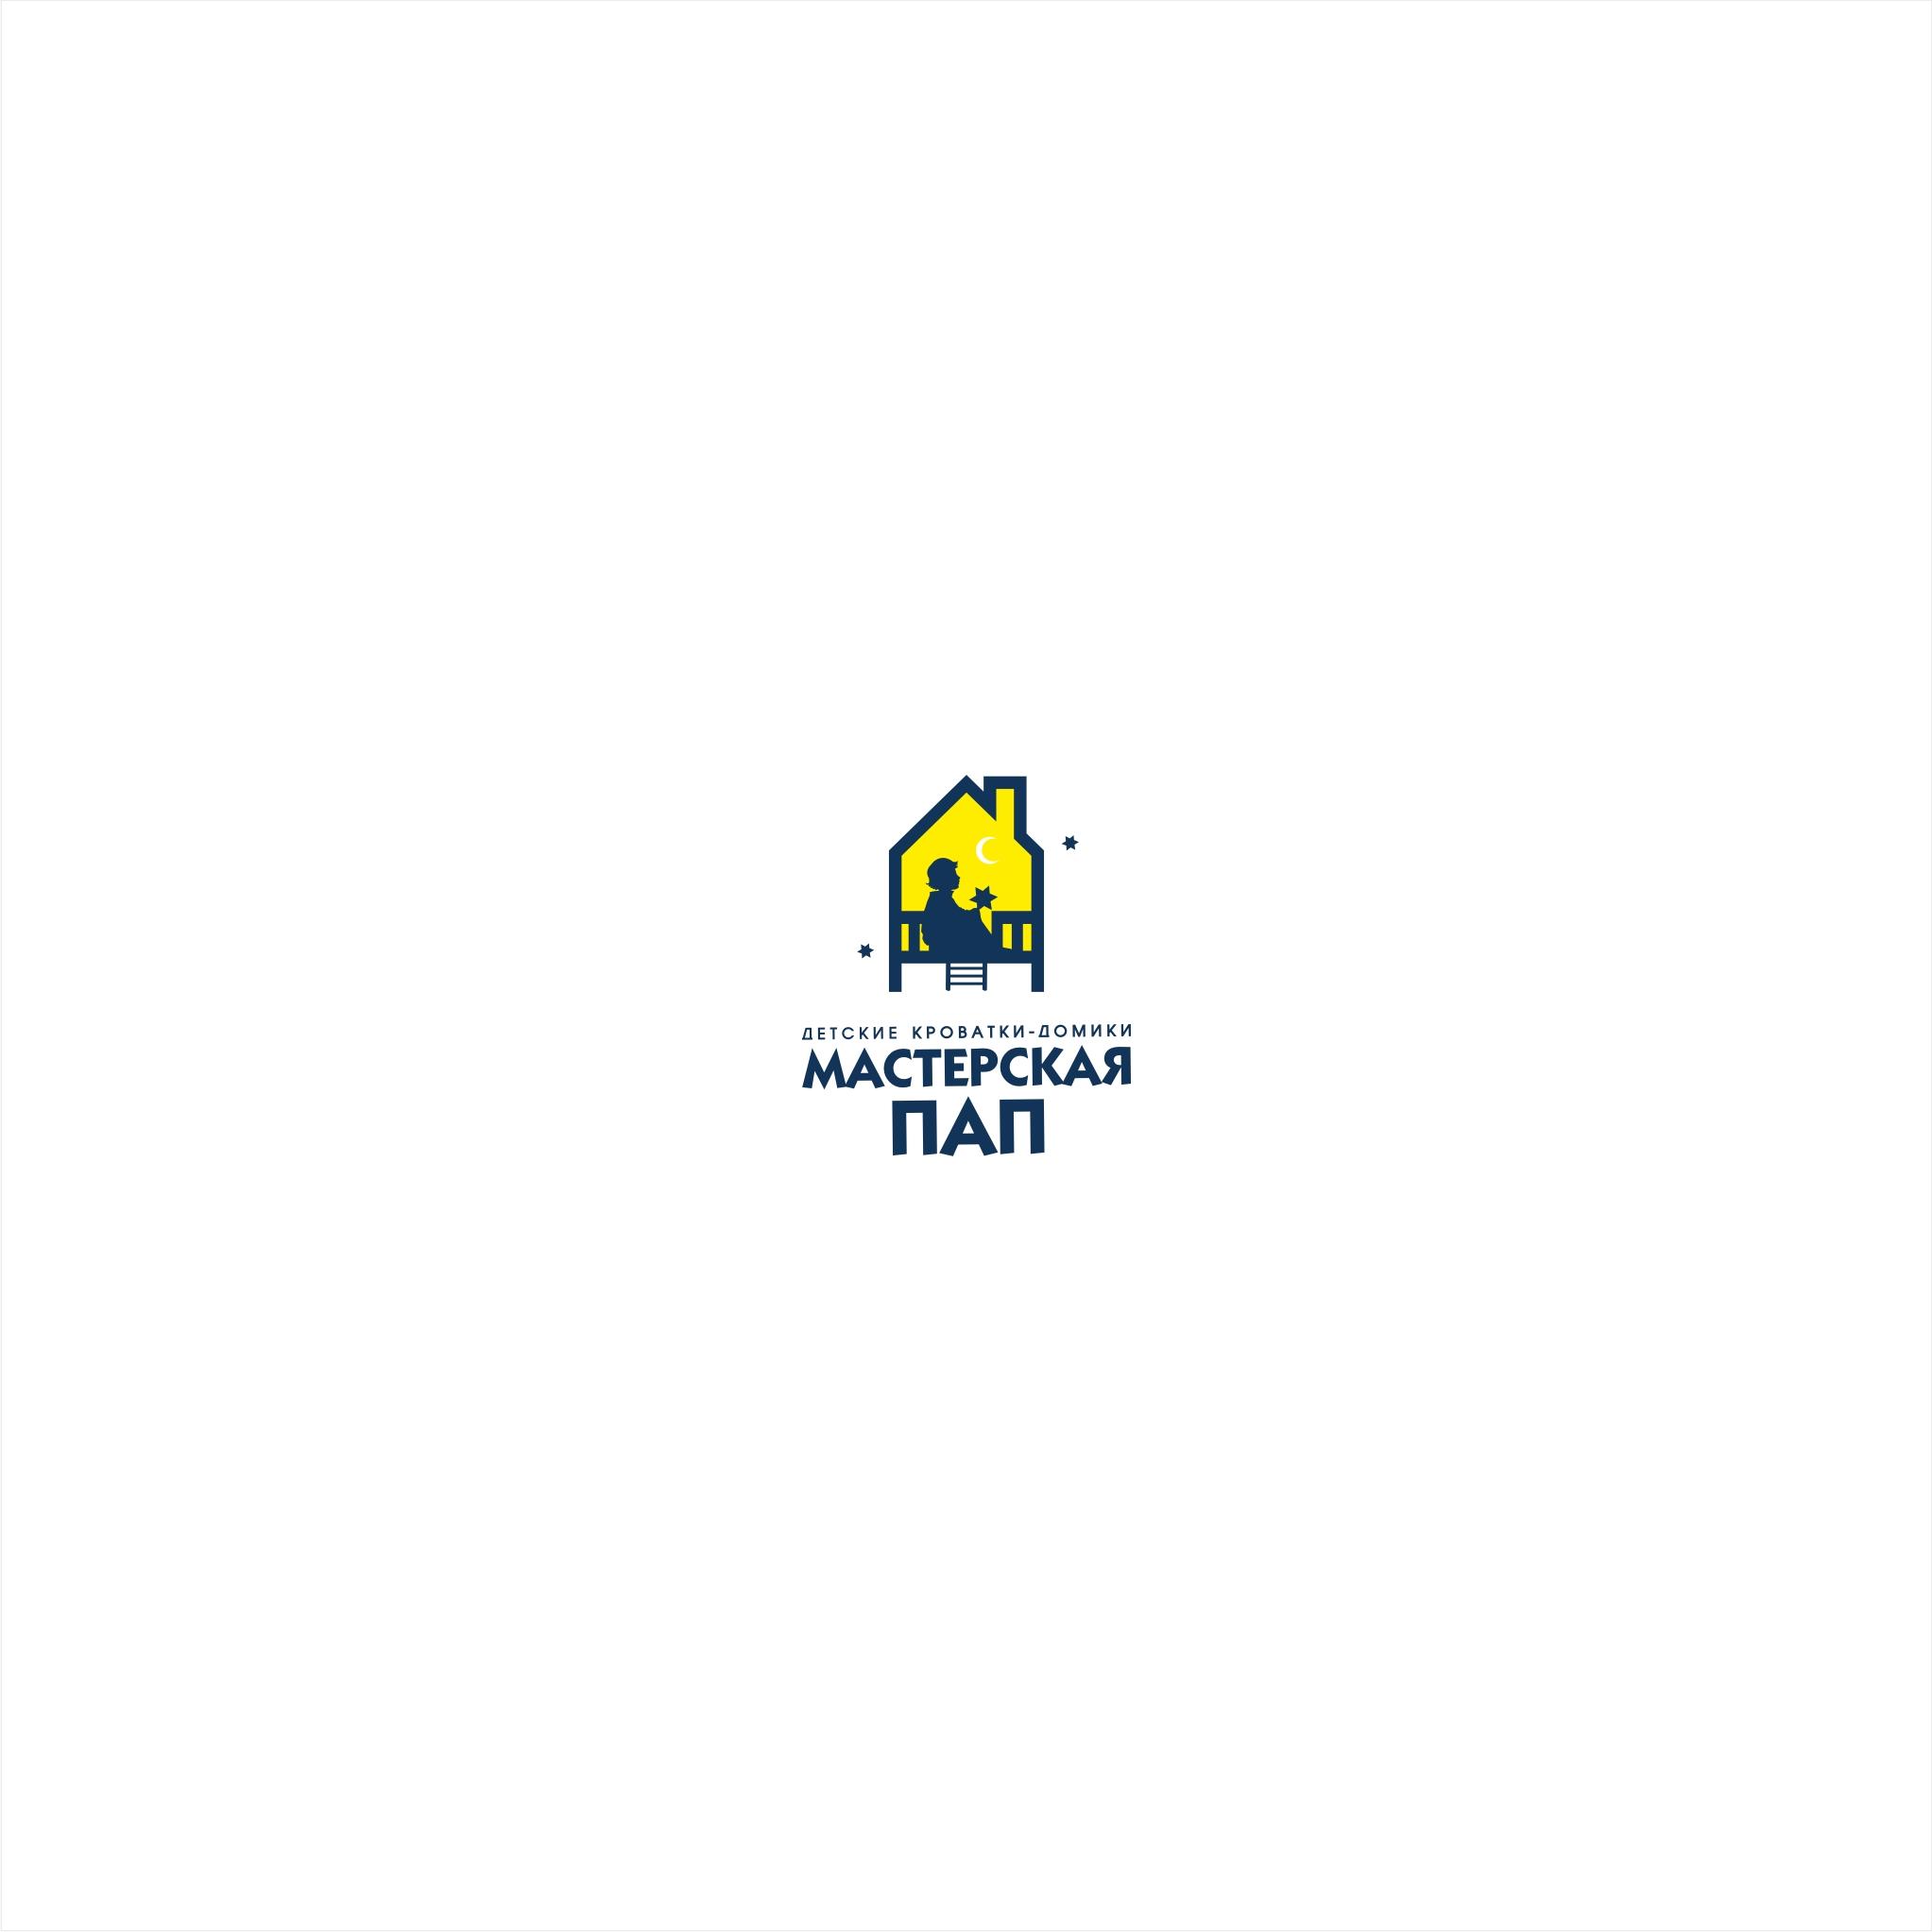 Разработка логотипа  фото f_1575aae374d69465.jpg